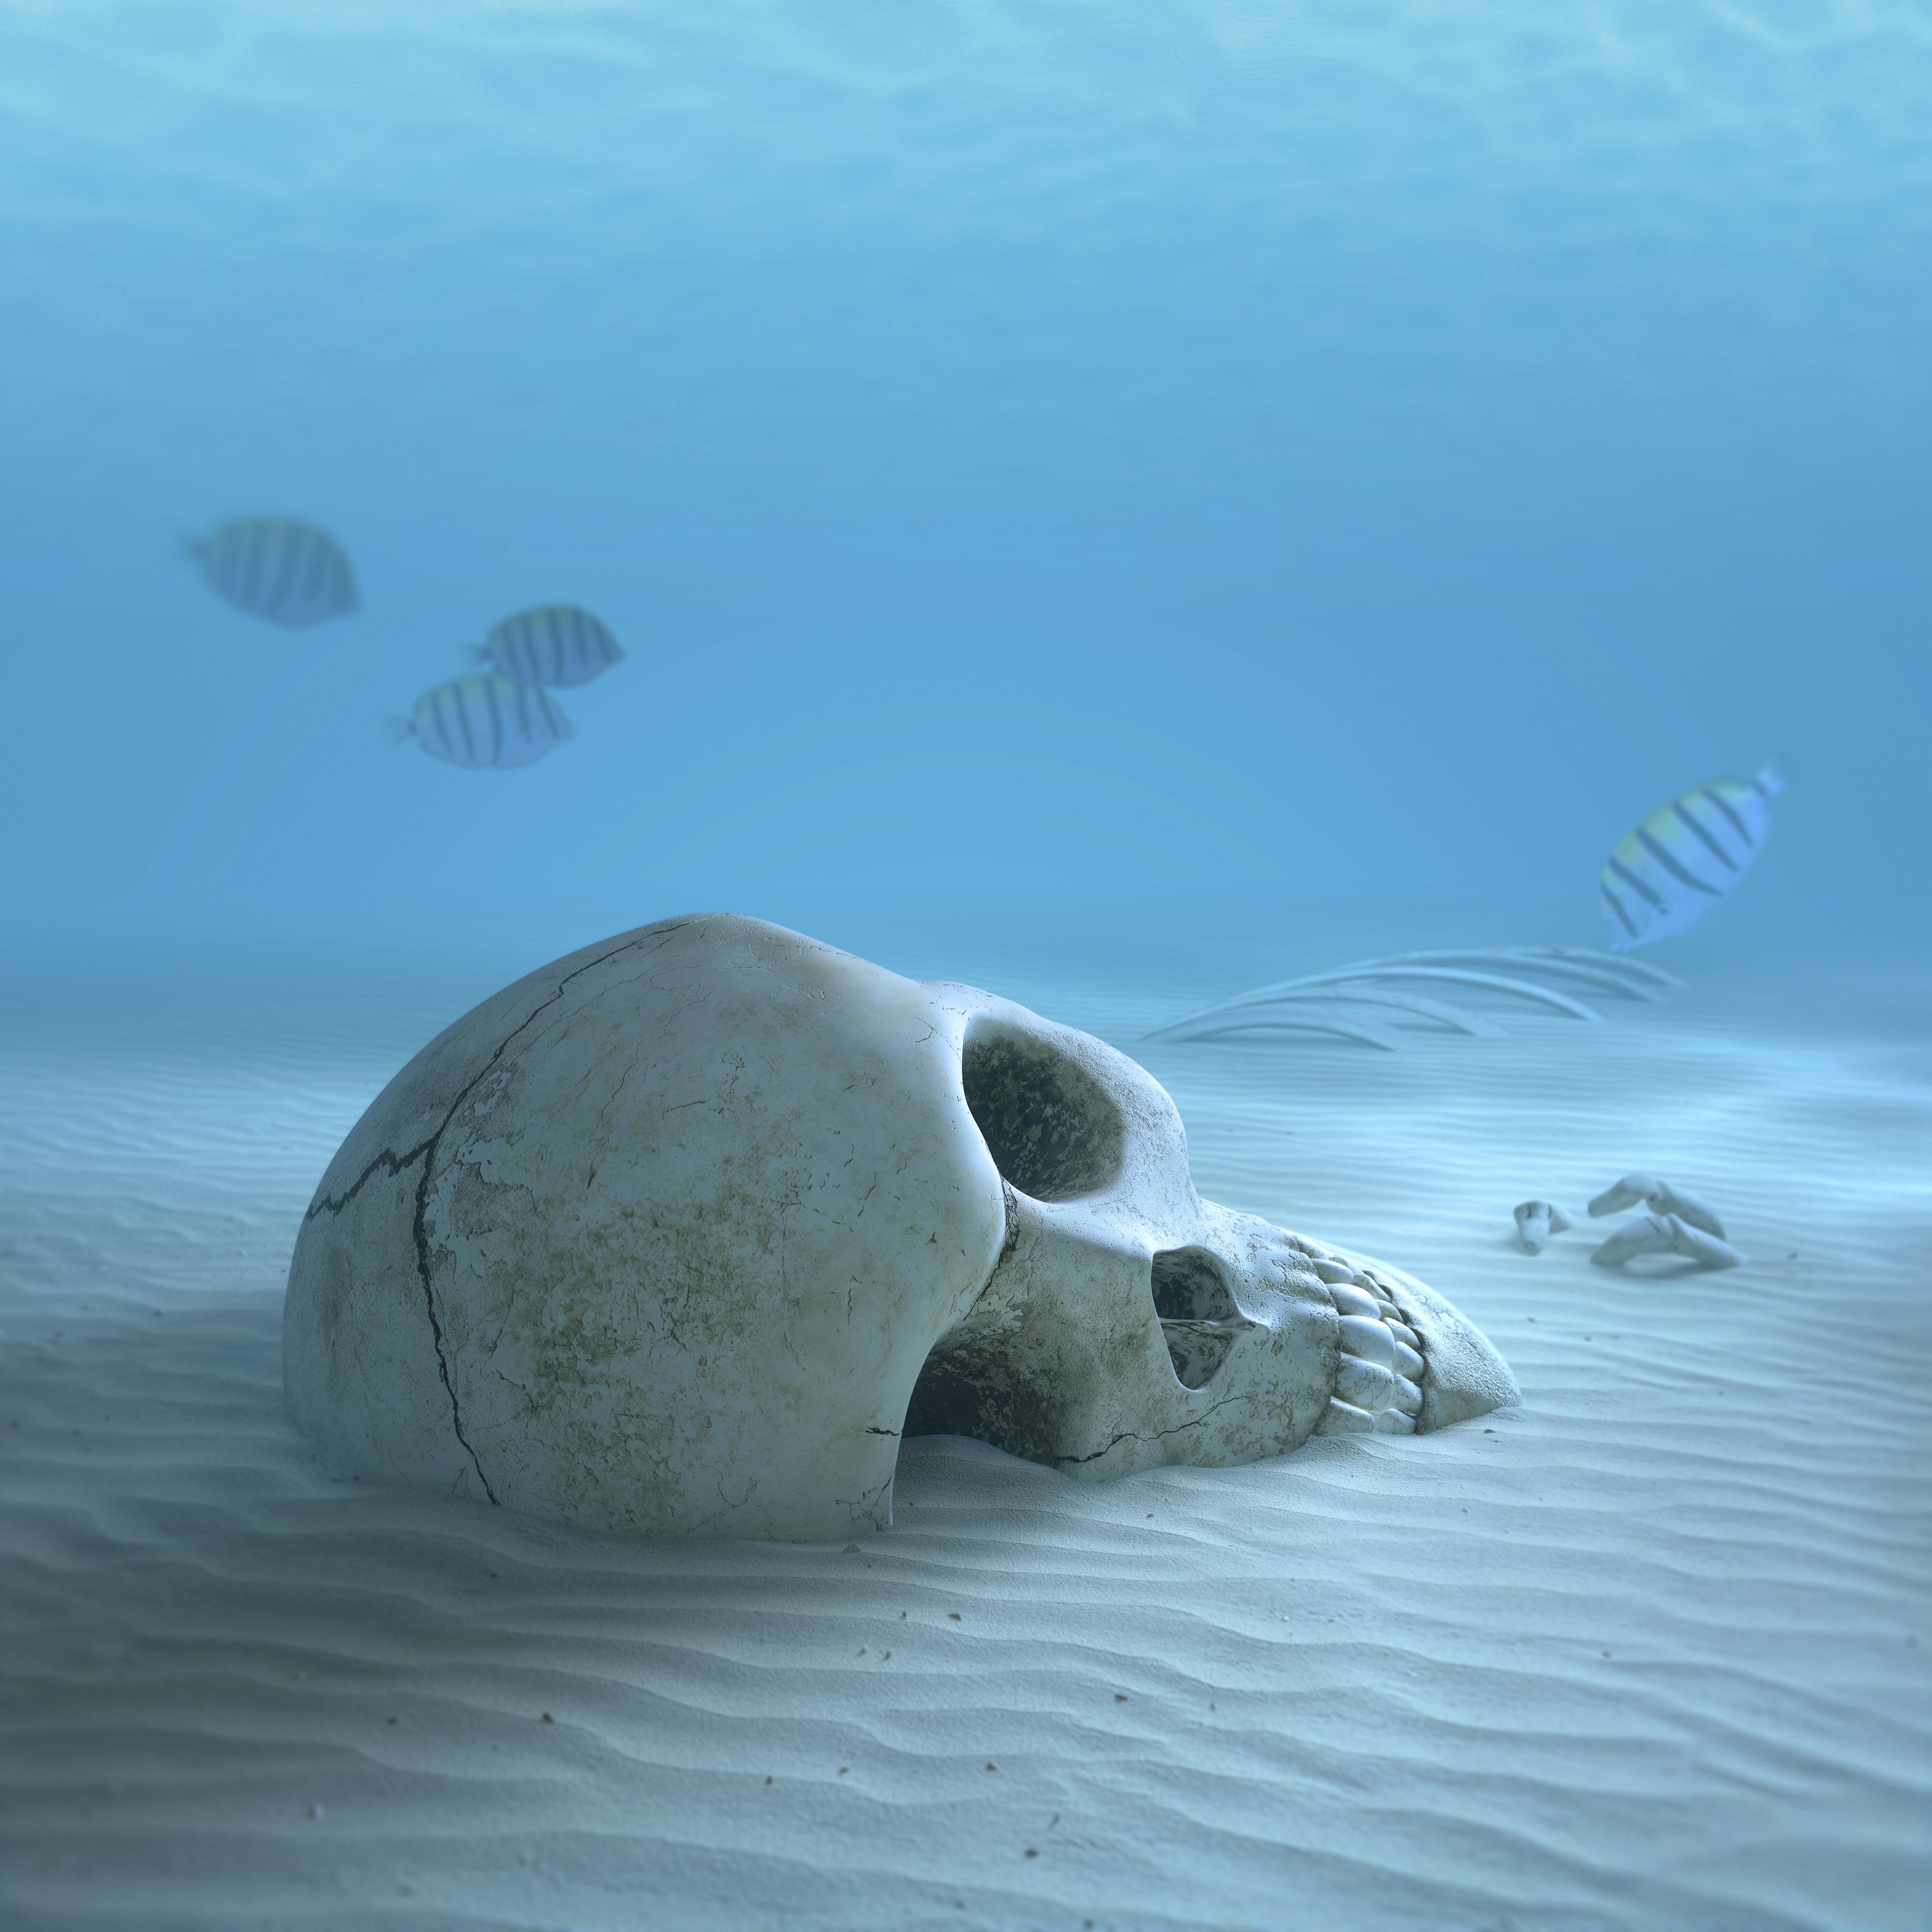 Friss hírek: A jelenség az egész élővilágot veszélyezteti.